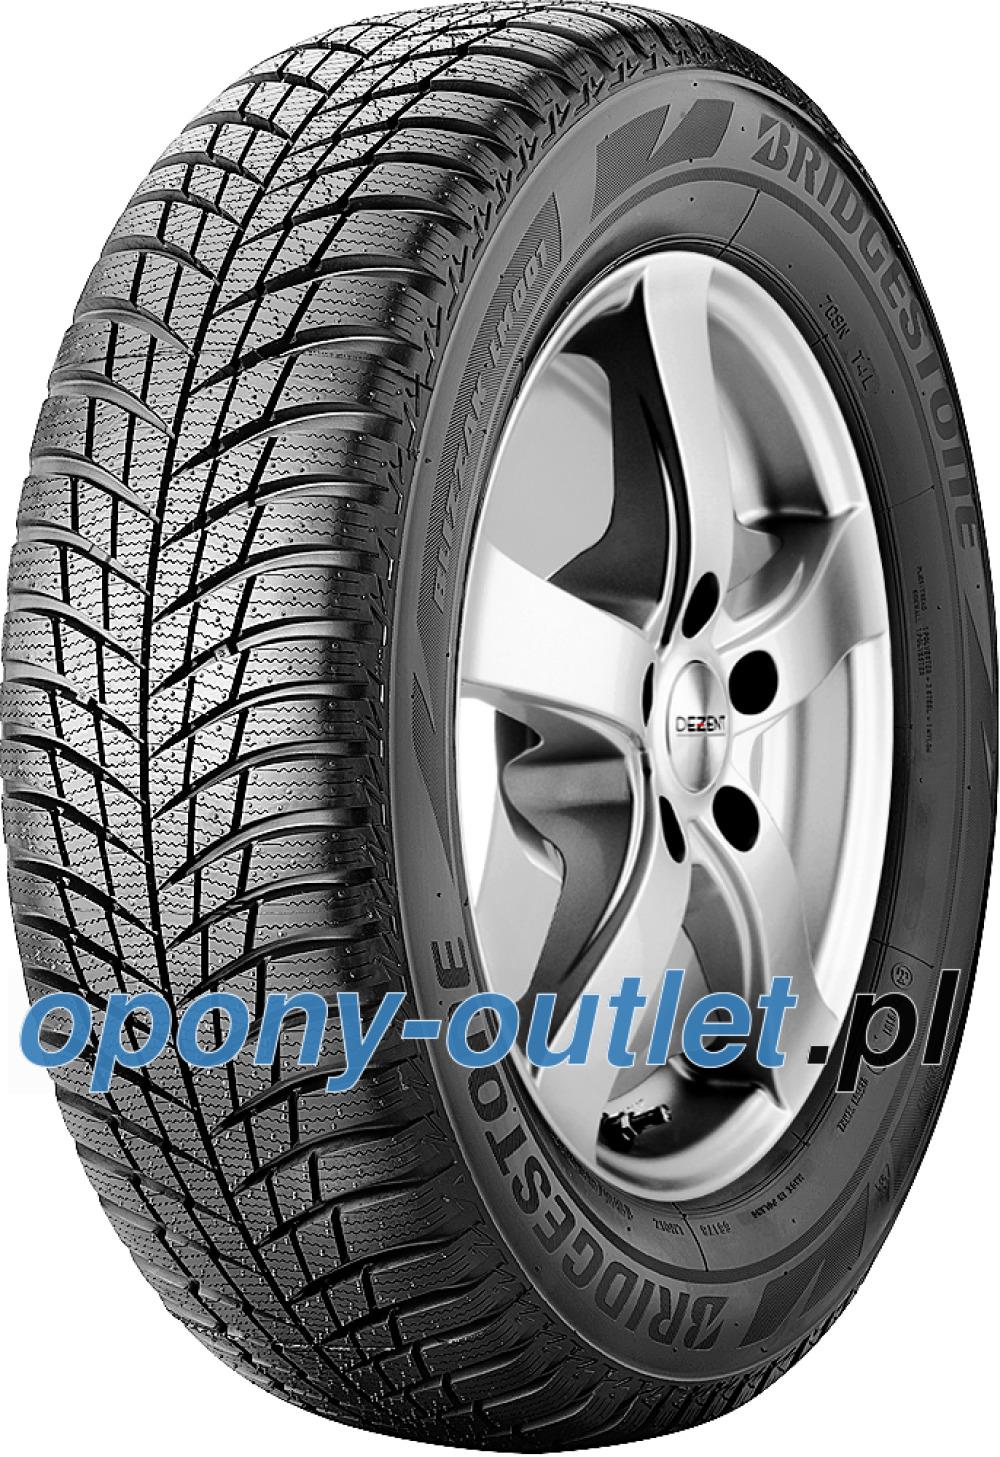 Bridgestone Blizzak LM 001 ( 205/55 R16 94H XL , osłona felgi (MFS) )